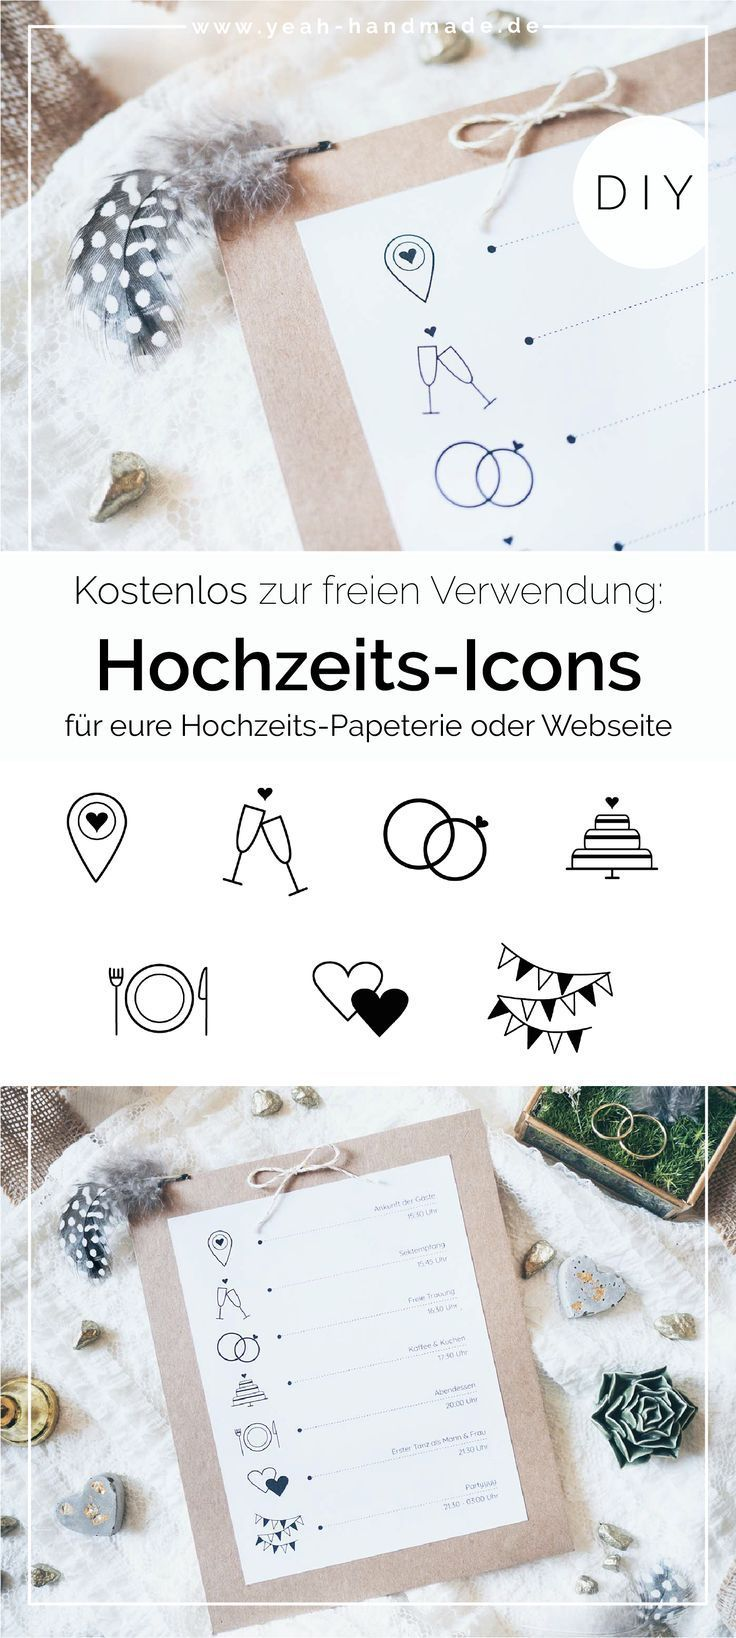 Hochzeits-Symbole zum kostenlosen Download #weddings